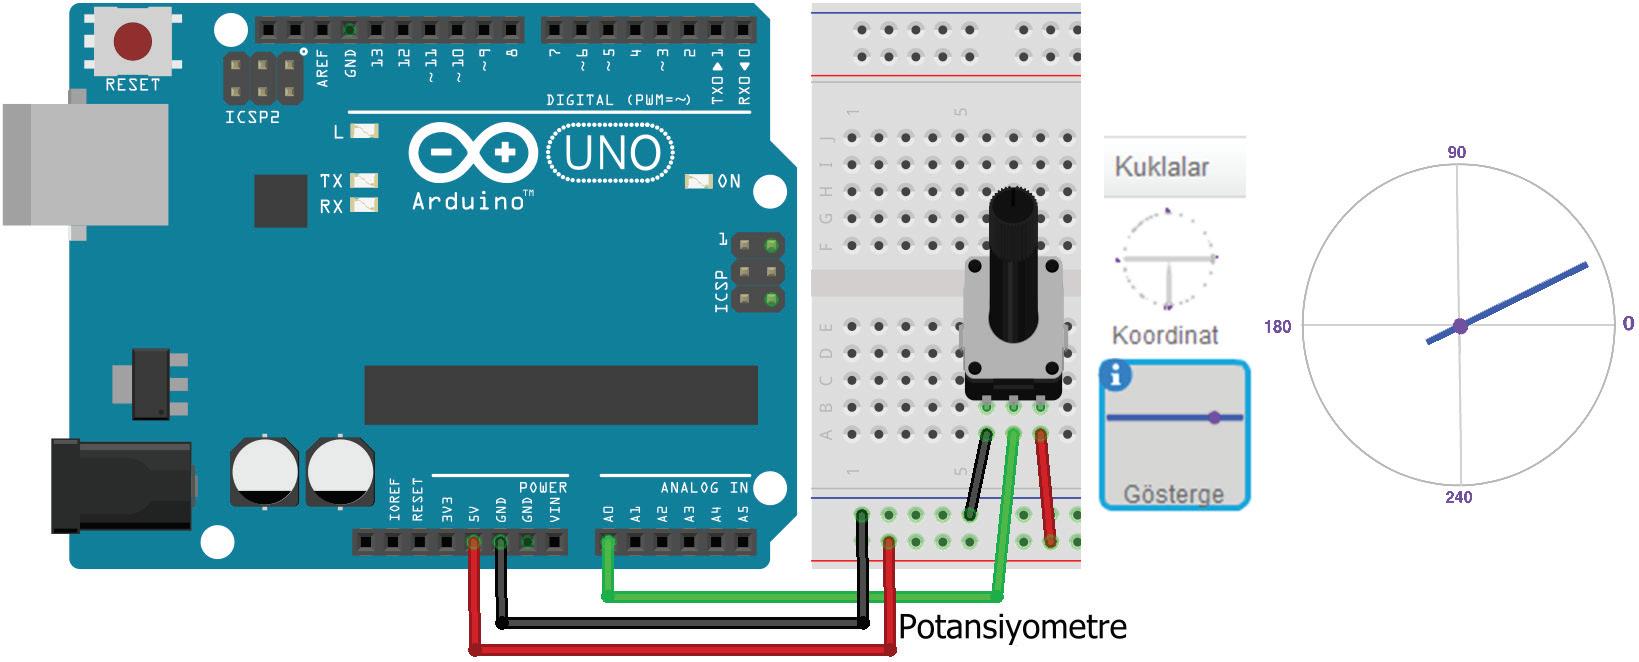 Arduino UNO ile Potansiyometre uygulaması Breadboard çizimi ve ekran görüntürleri